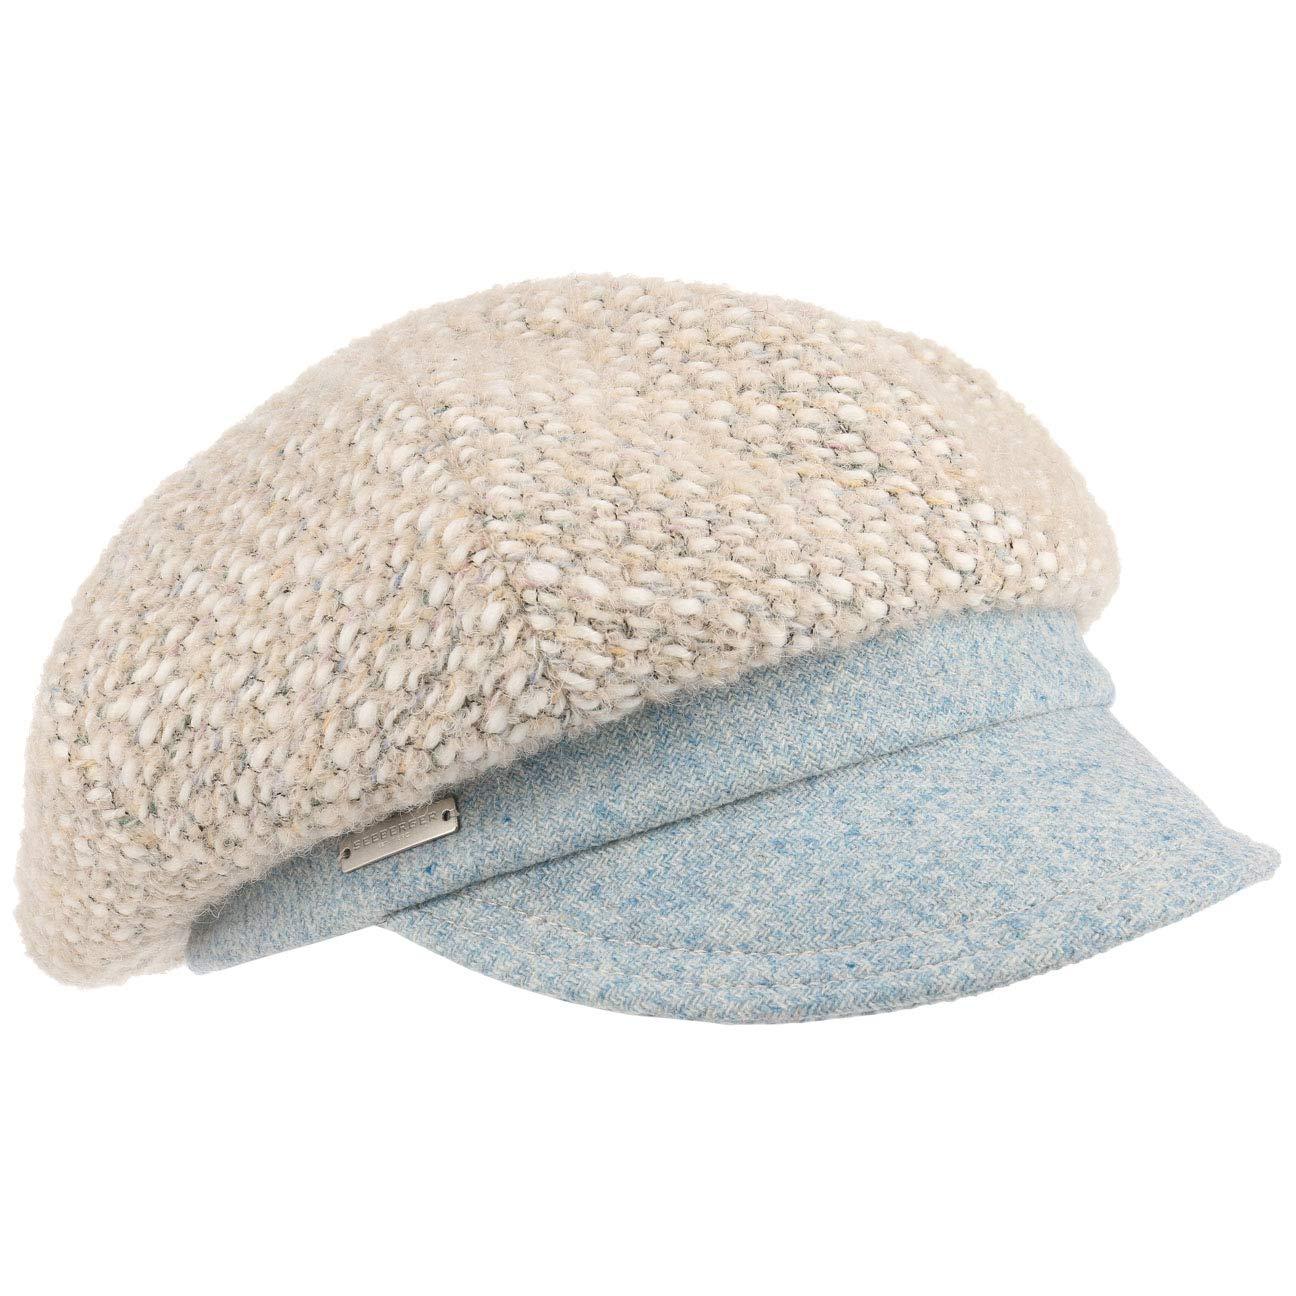 Seeberger Twotone Wool Ballonmütze Damencap Wollcap Wintercap Baker-Boy-Mütze Mit Schirm